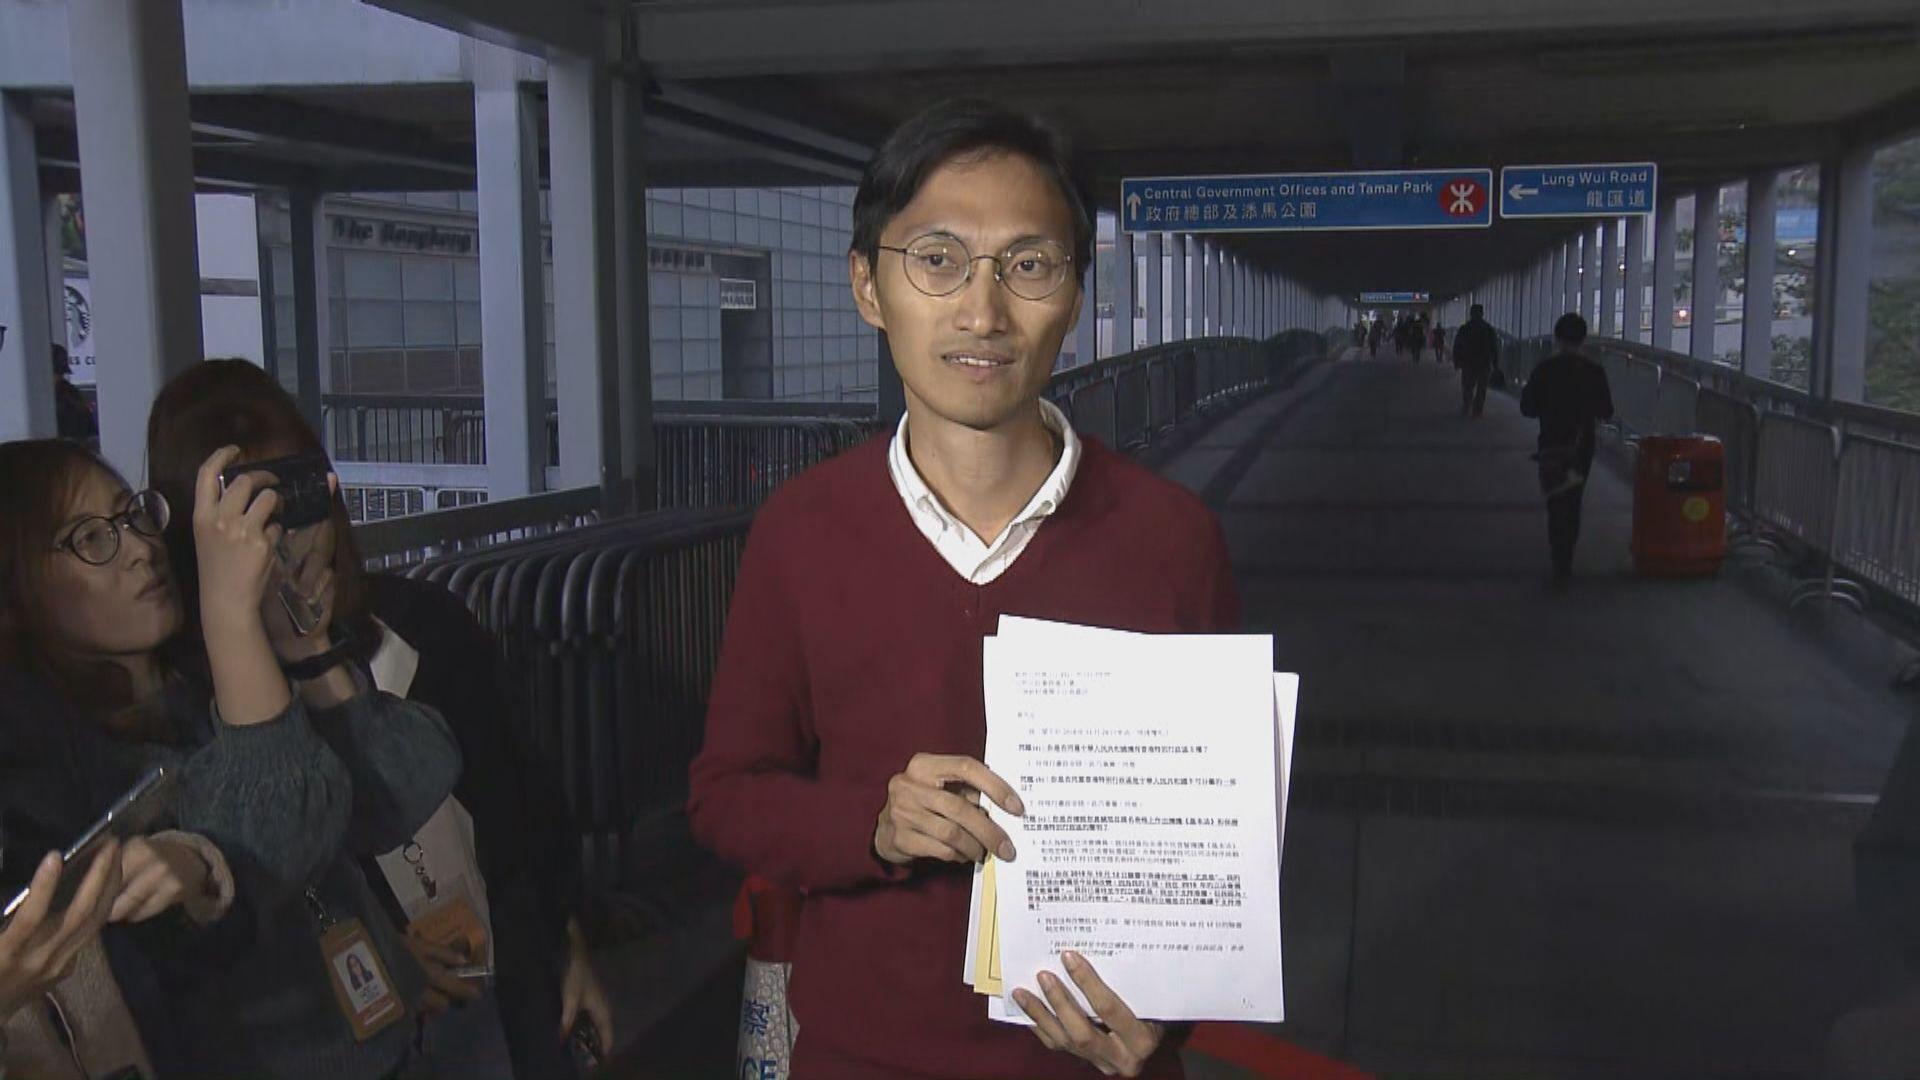 朱凱廸鄉郊代表參選資格未獲確認